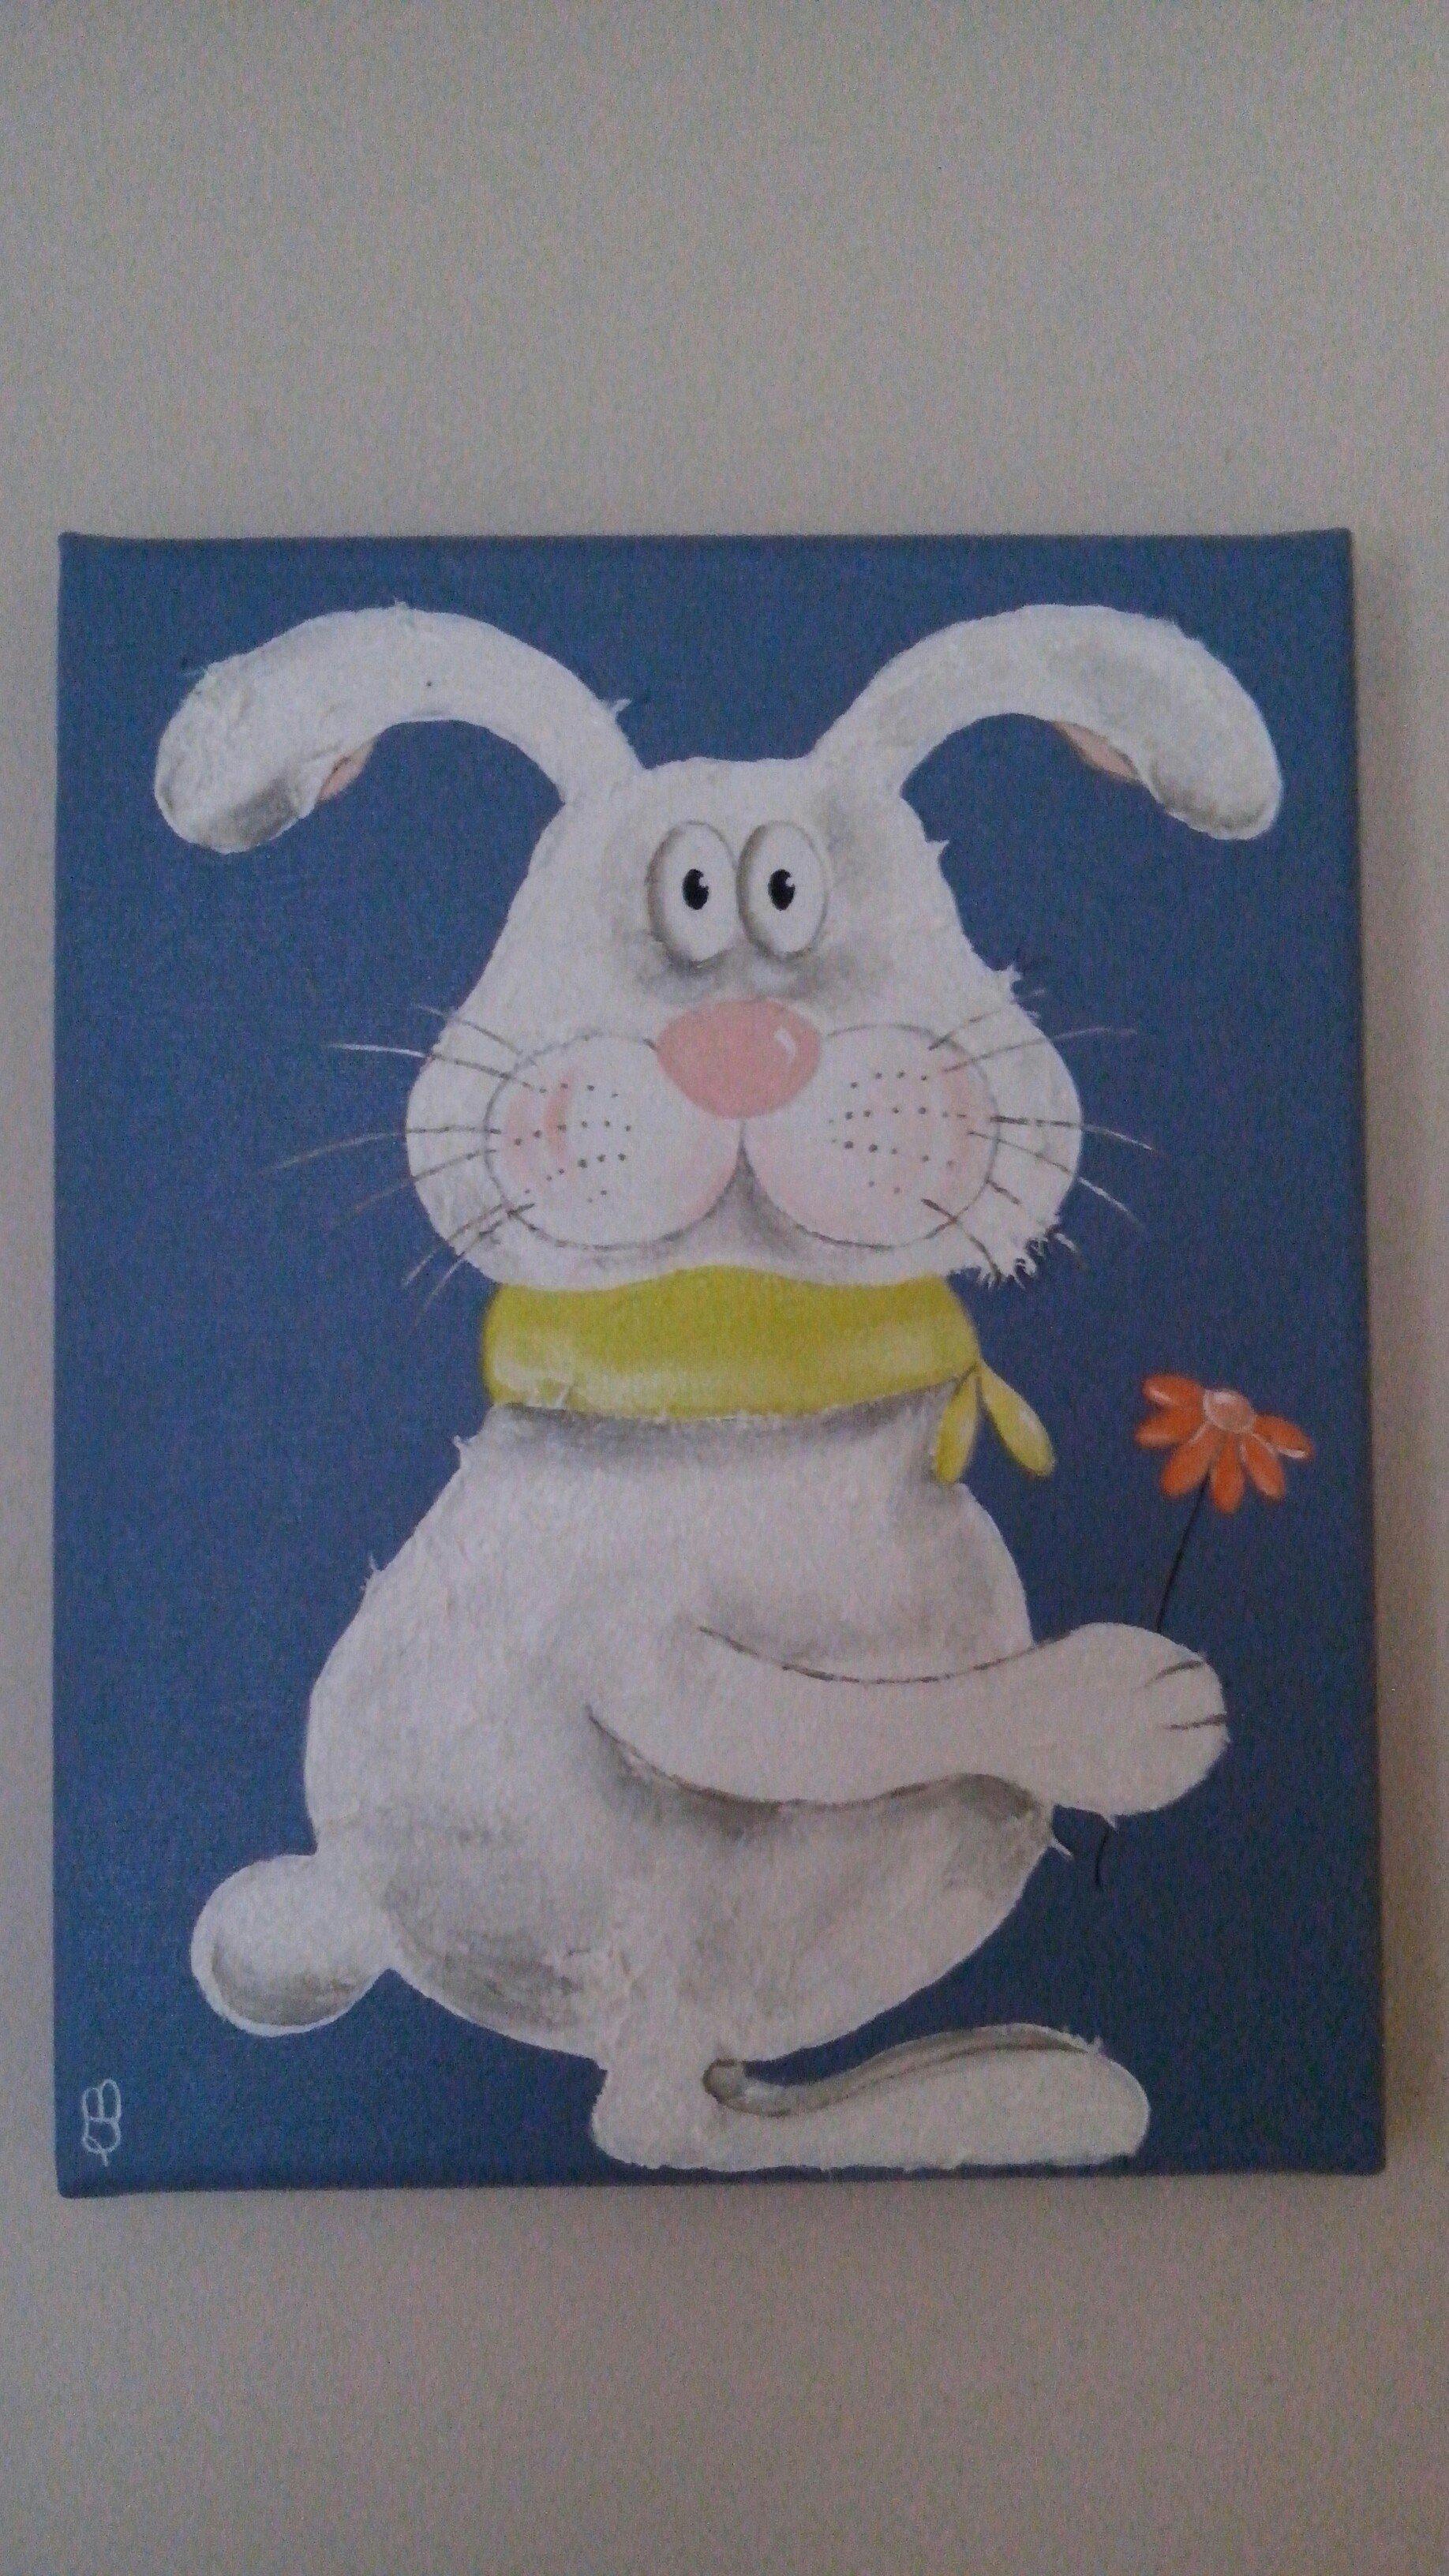 Ein Bild von einem weißen Comic-Hasen mit Blume vor einem blauen Hintergrund